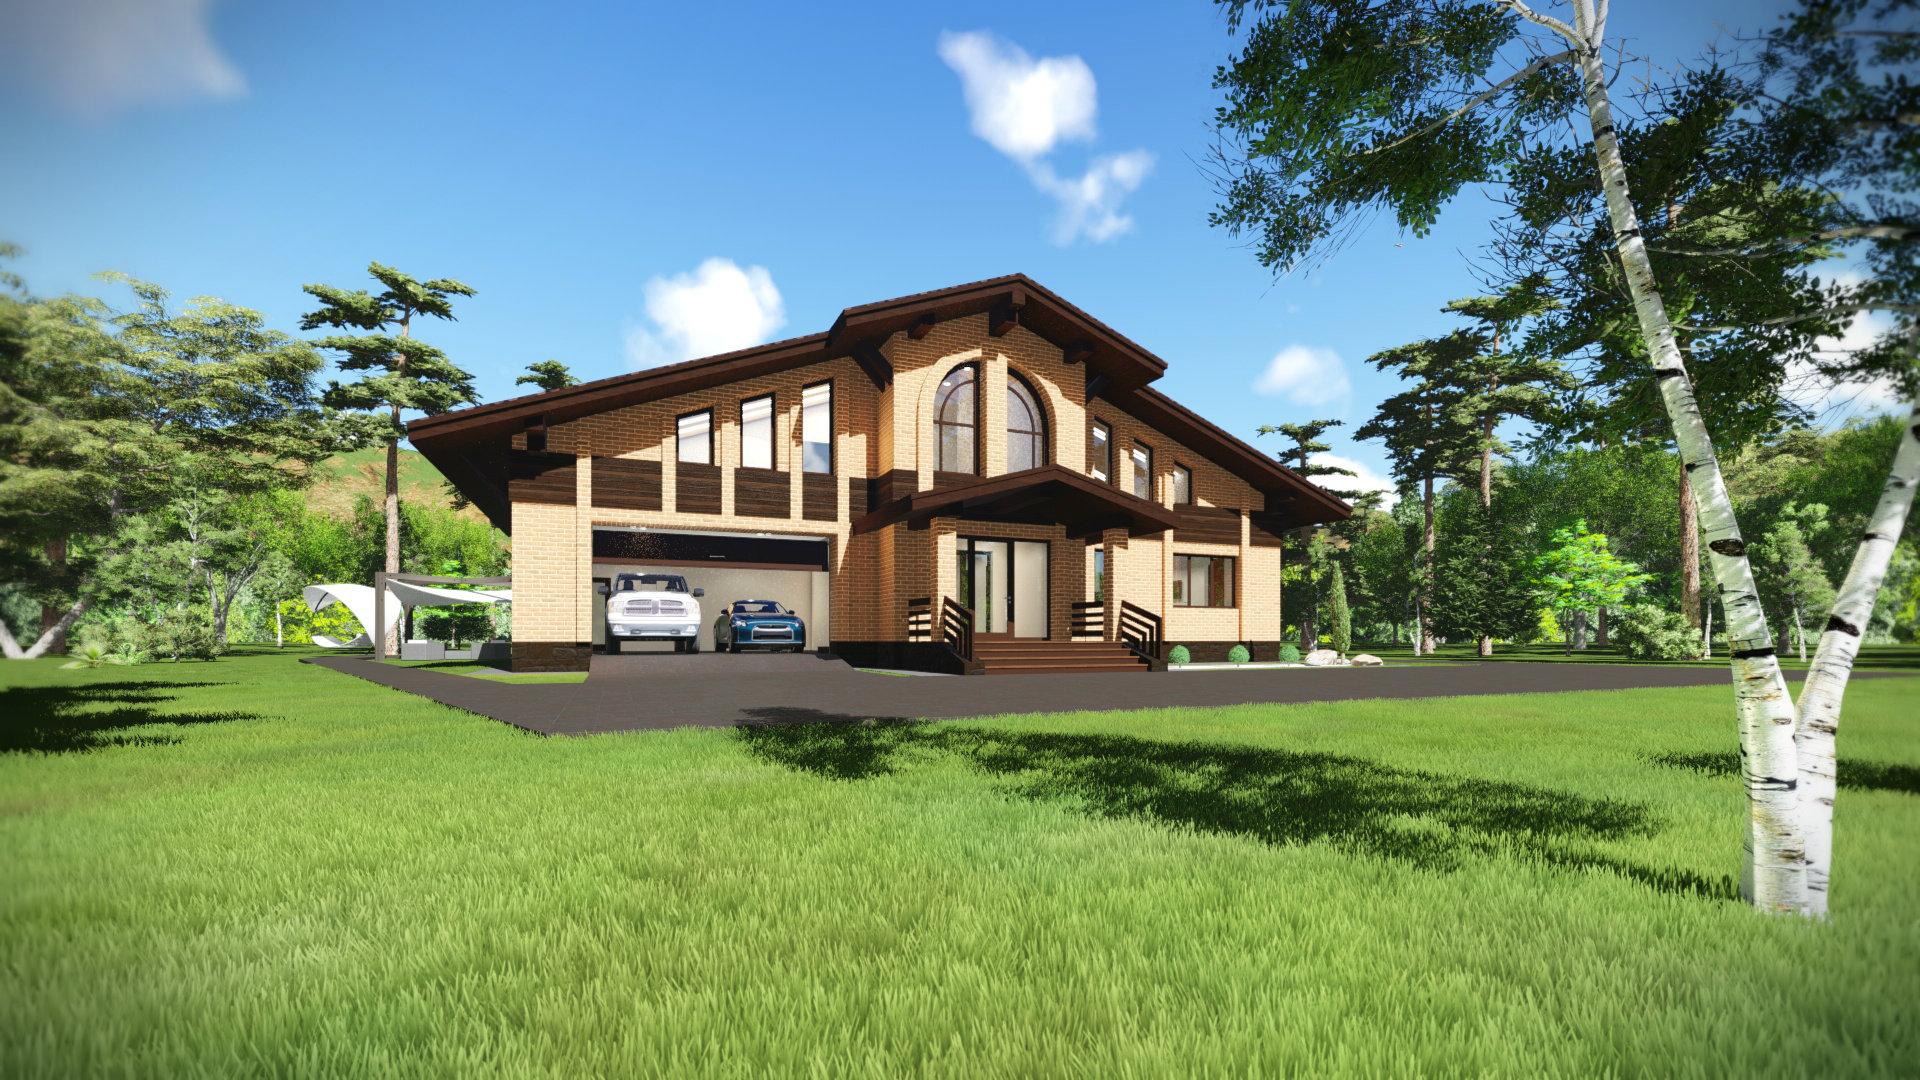 Одноэтажный дом с мансардным этажом из кирпича в стиле Шале